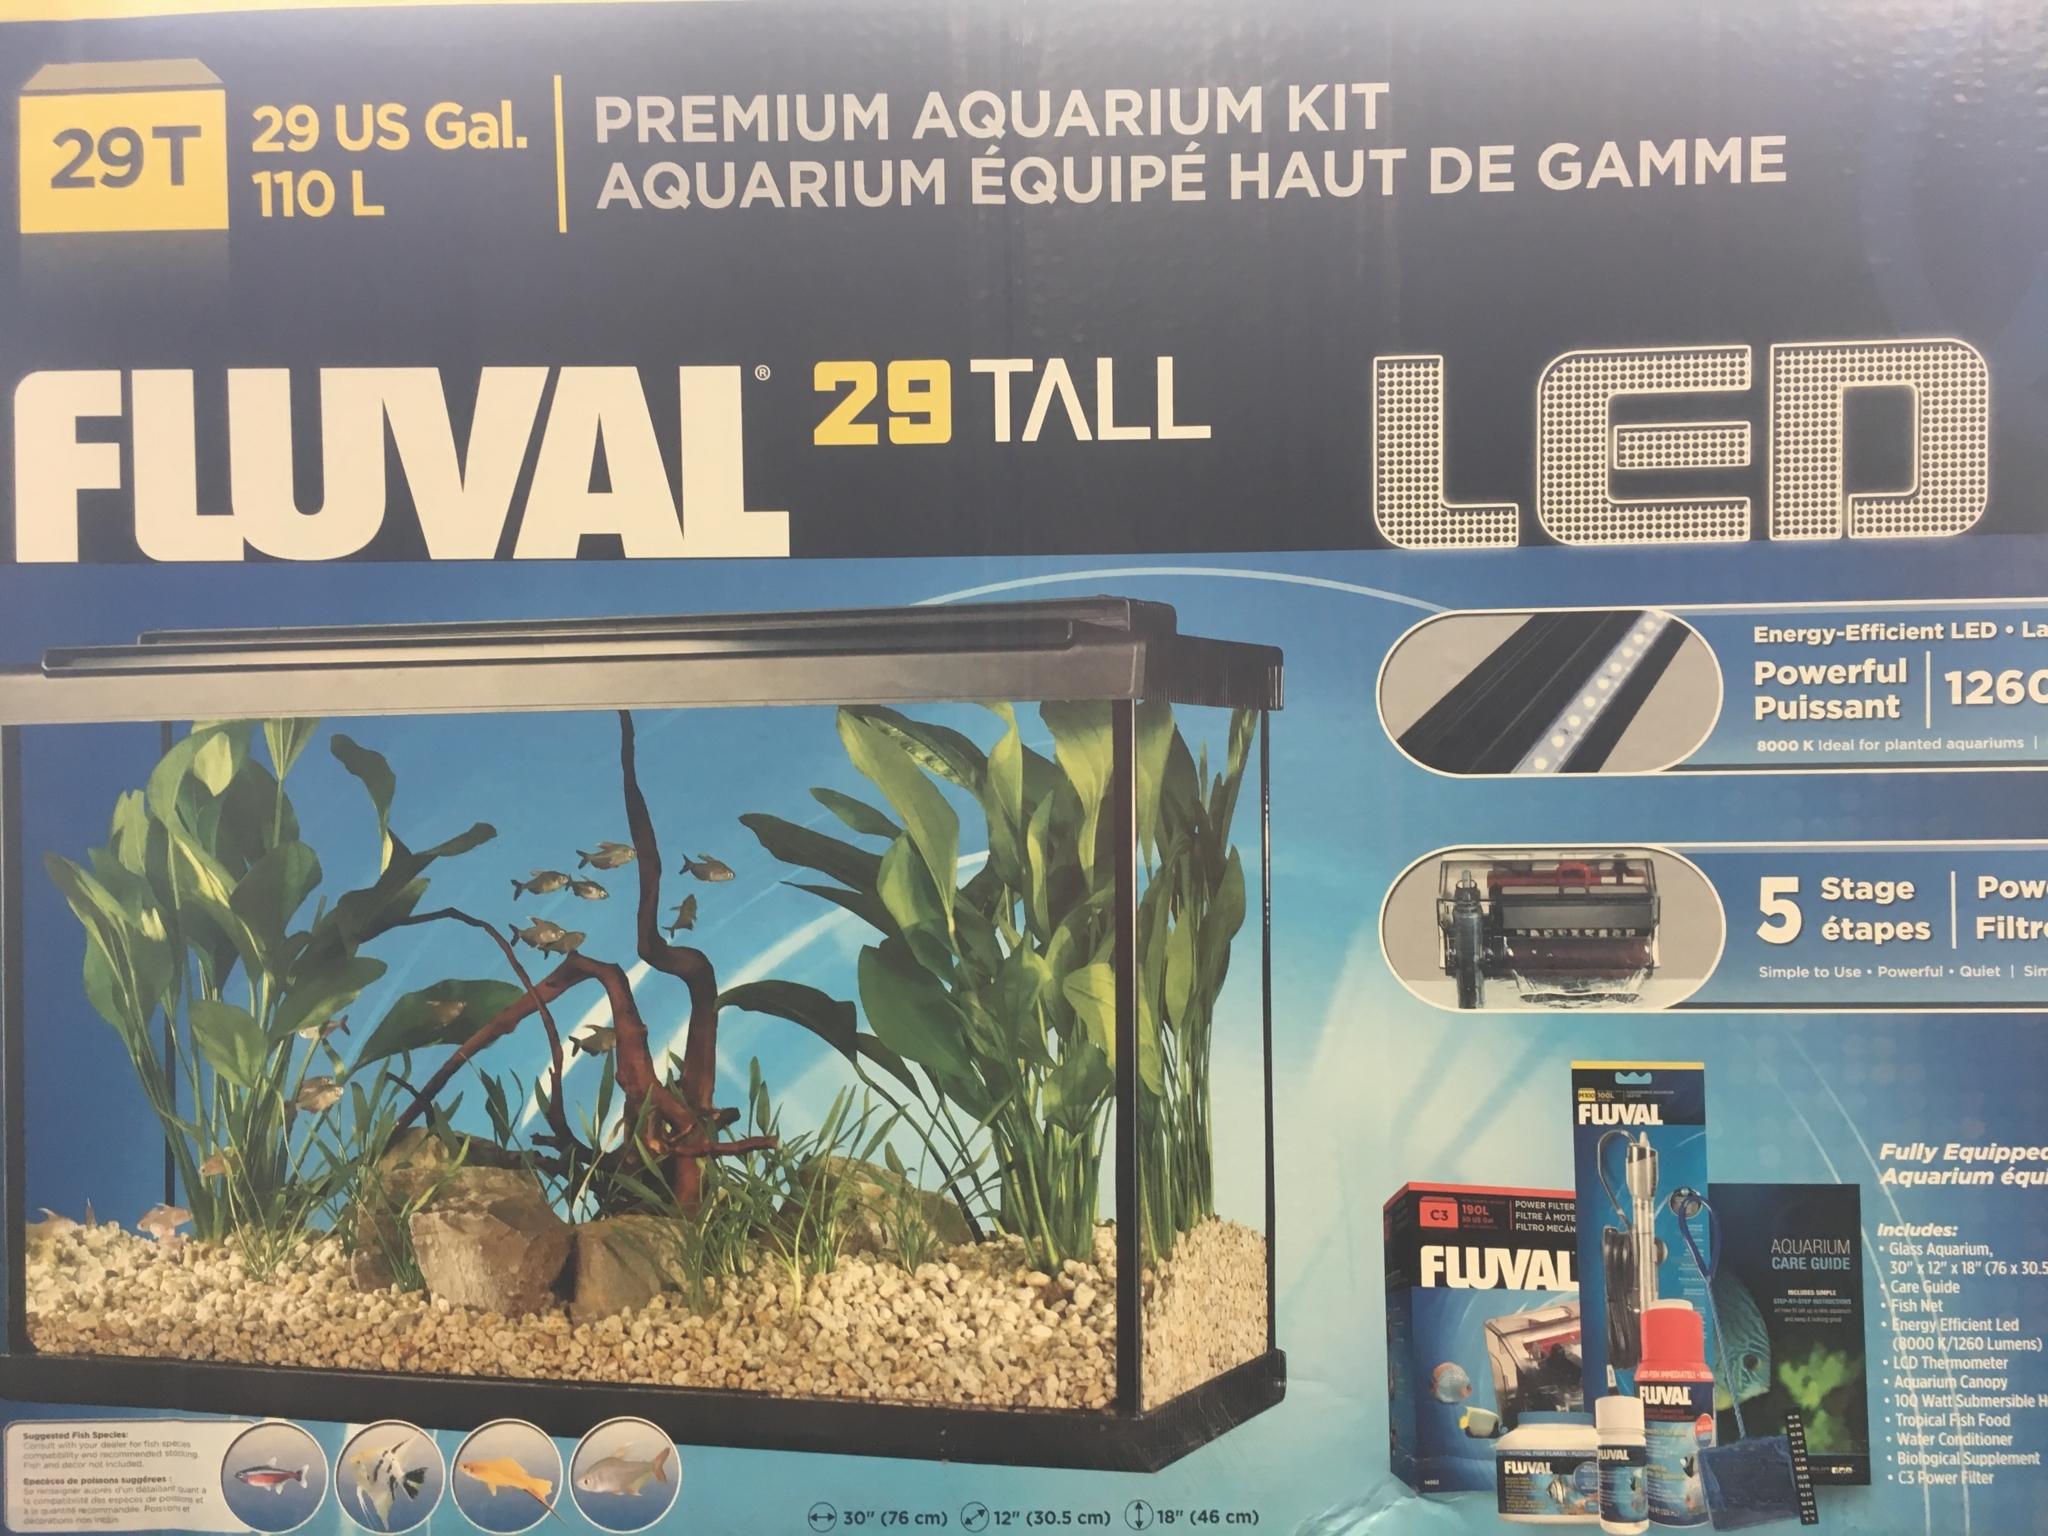 Exotic Aquatic in Williams Lake: 29 Gal Aquarium